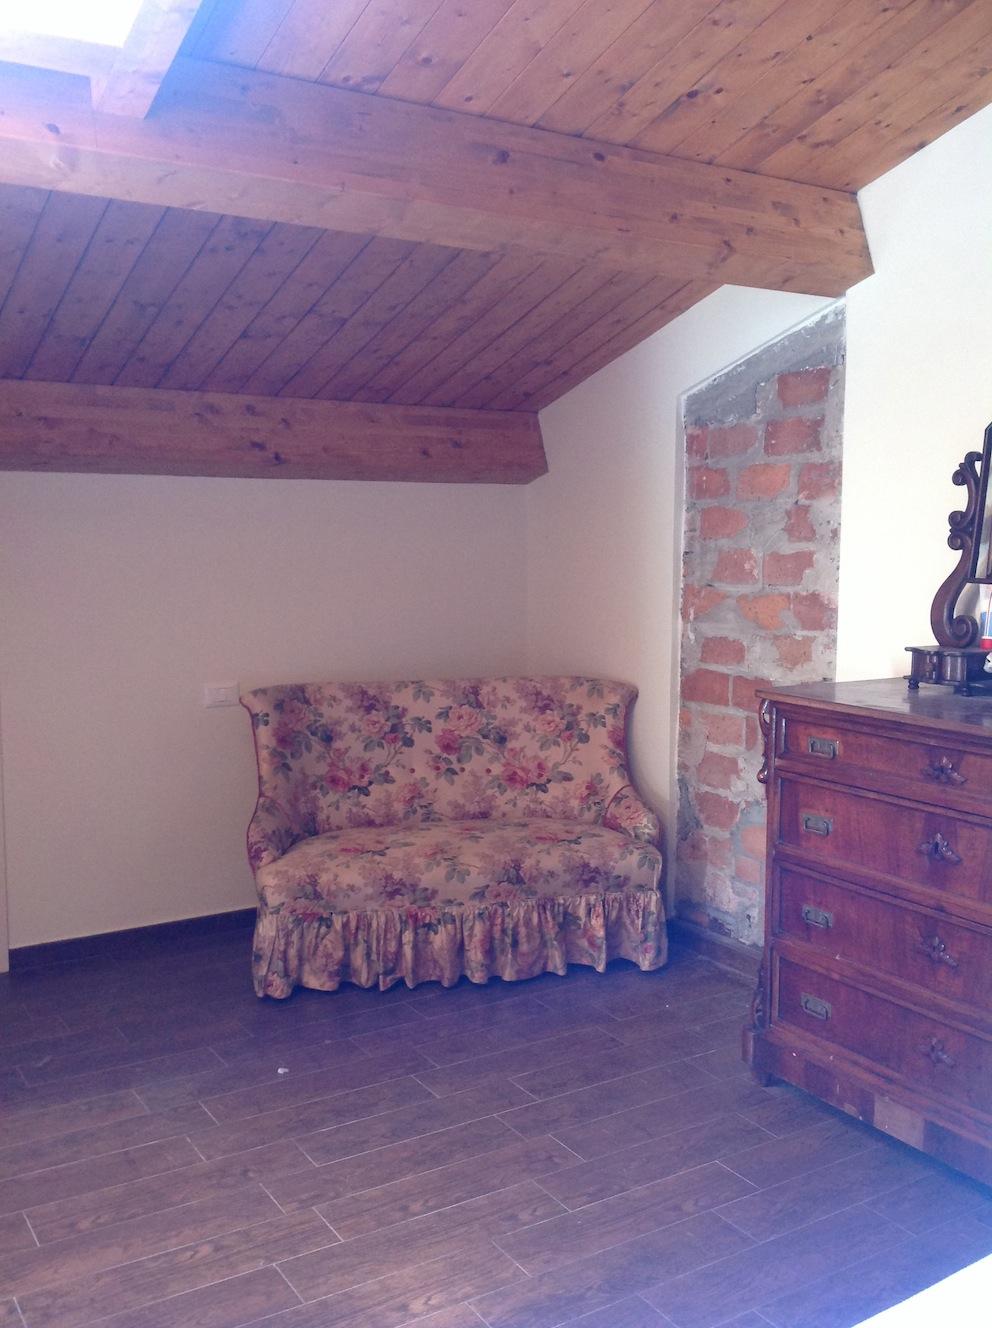 affitto appartamento mare viareggio 8443 (20140720160707-2014-73738-NDP.jpg)